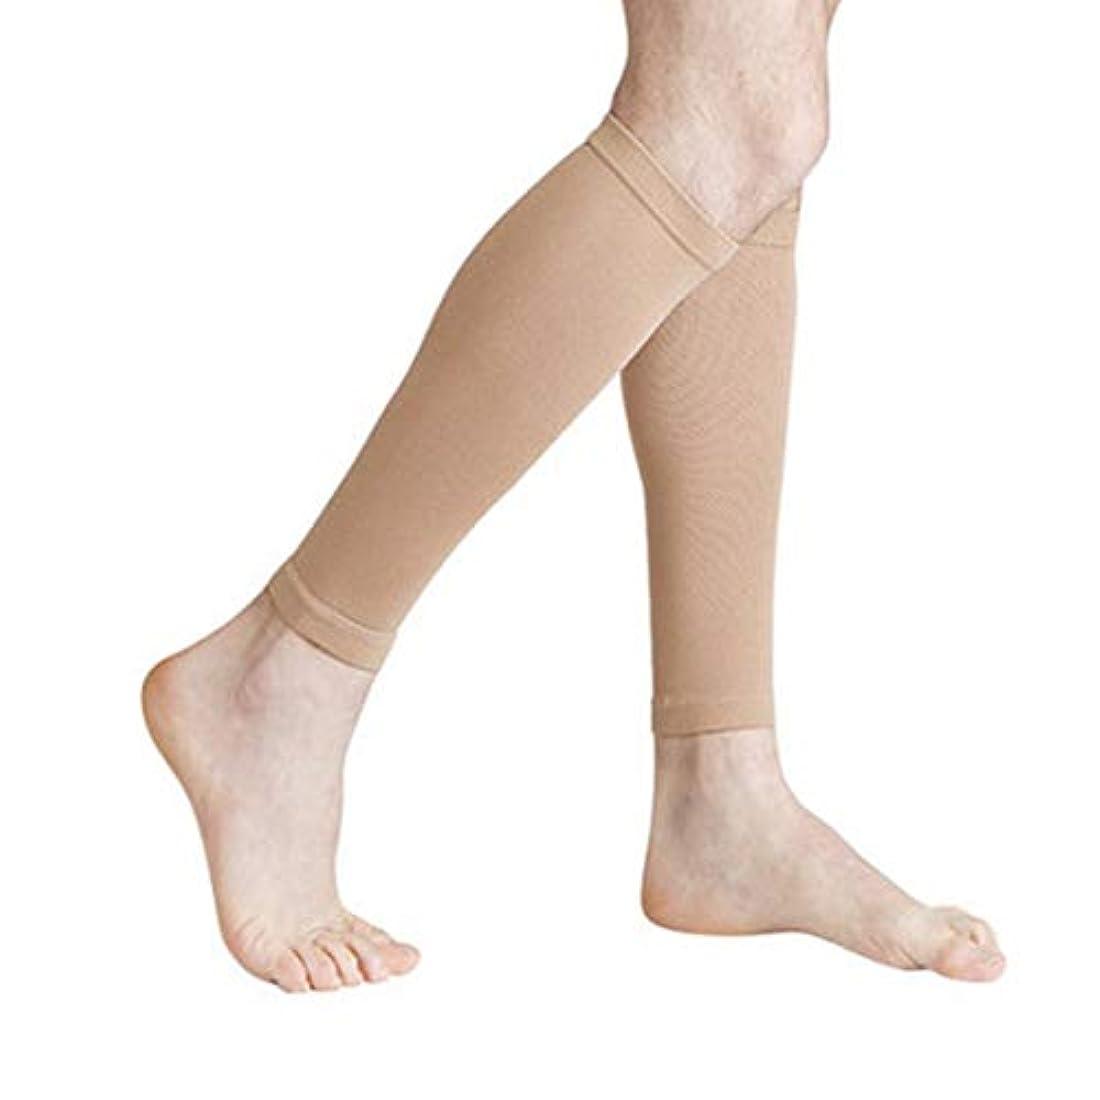 ペネロペワット超える丈夫な男性女性プロの圧縮靴下通気性のある旅行活動看護師用シントスプリントフライトトラベル - 肌色